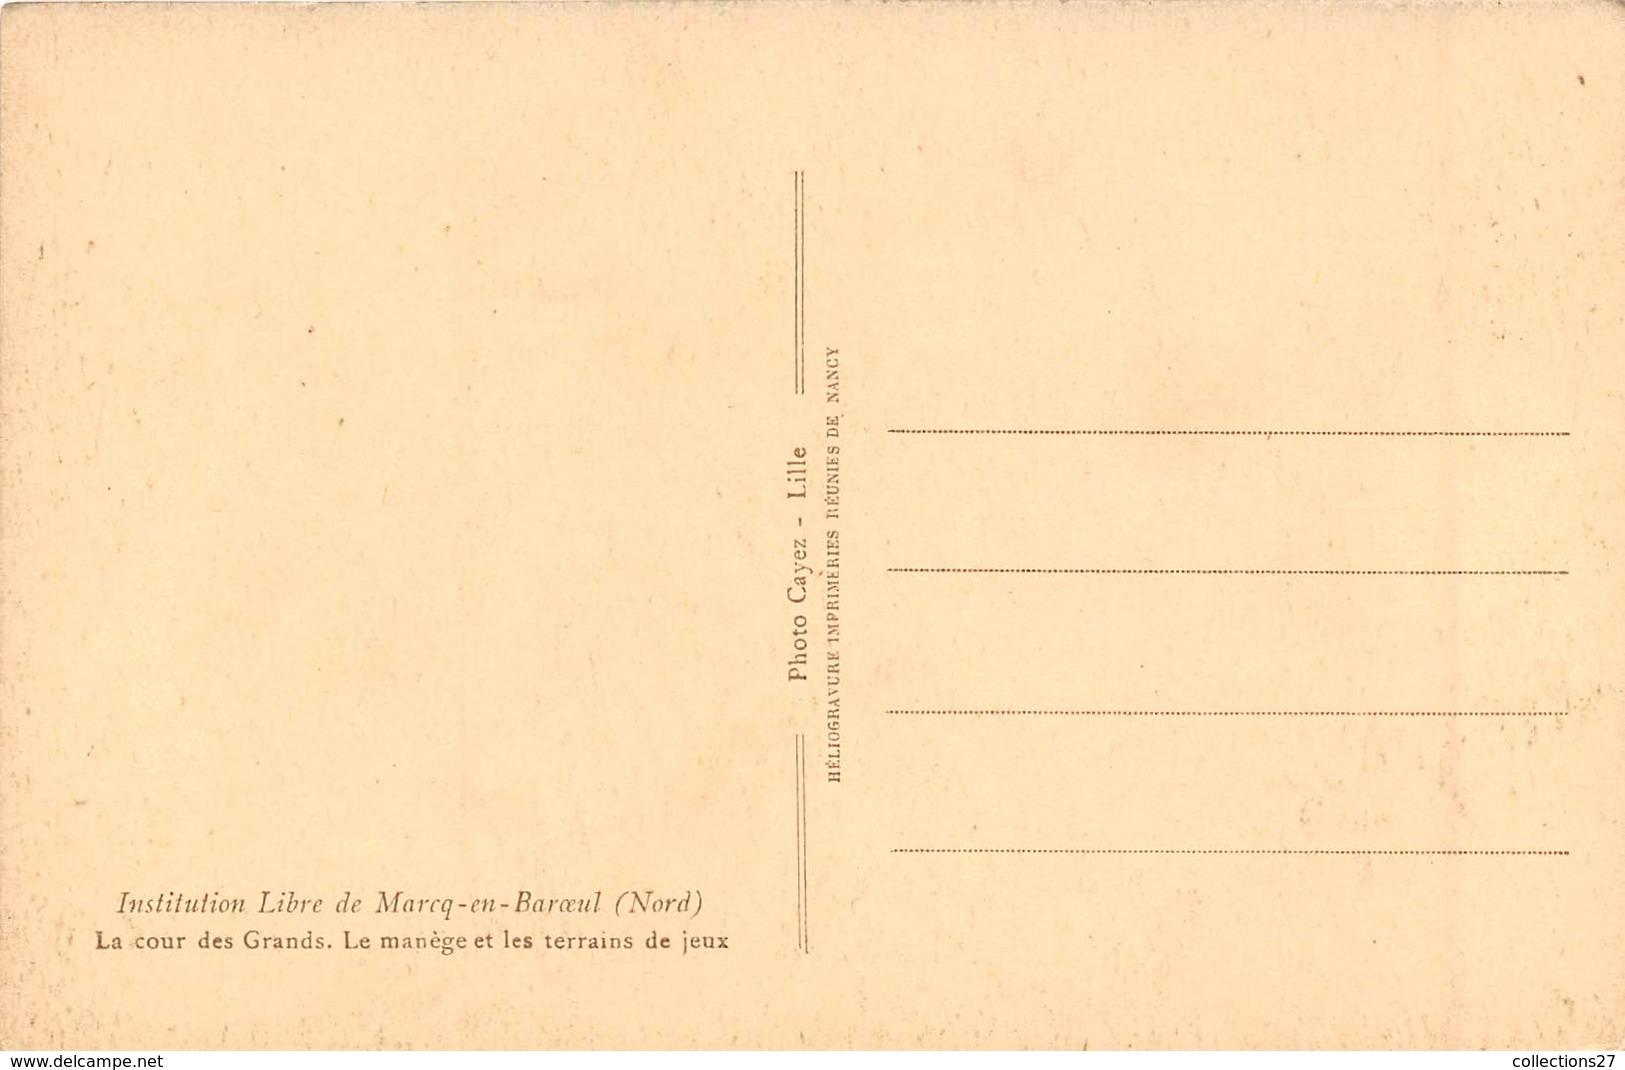 59-MARCQ-EN-BAROEUL- INSTITUTION LIBRE - LA COUR DES GRANDS, LES MANEGES ET LES TERRAINS DE JEUX - Marcq En Baroeul